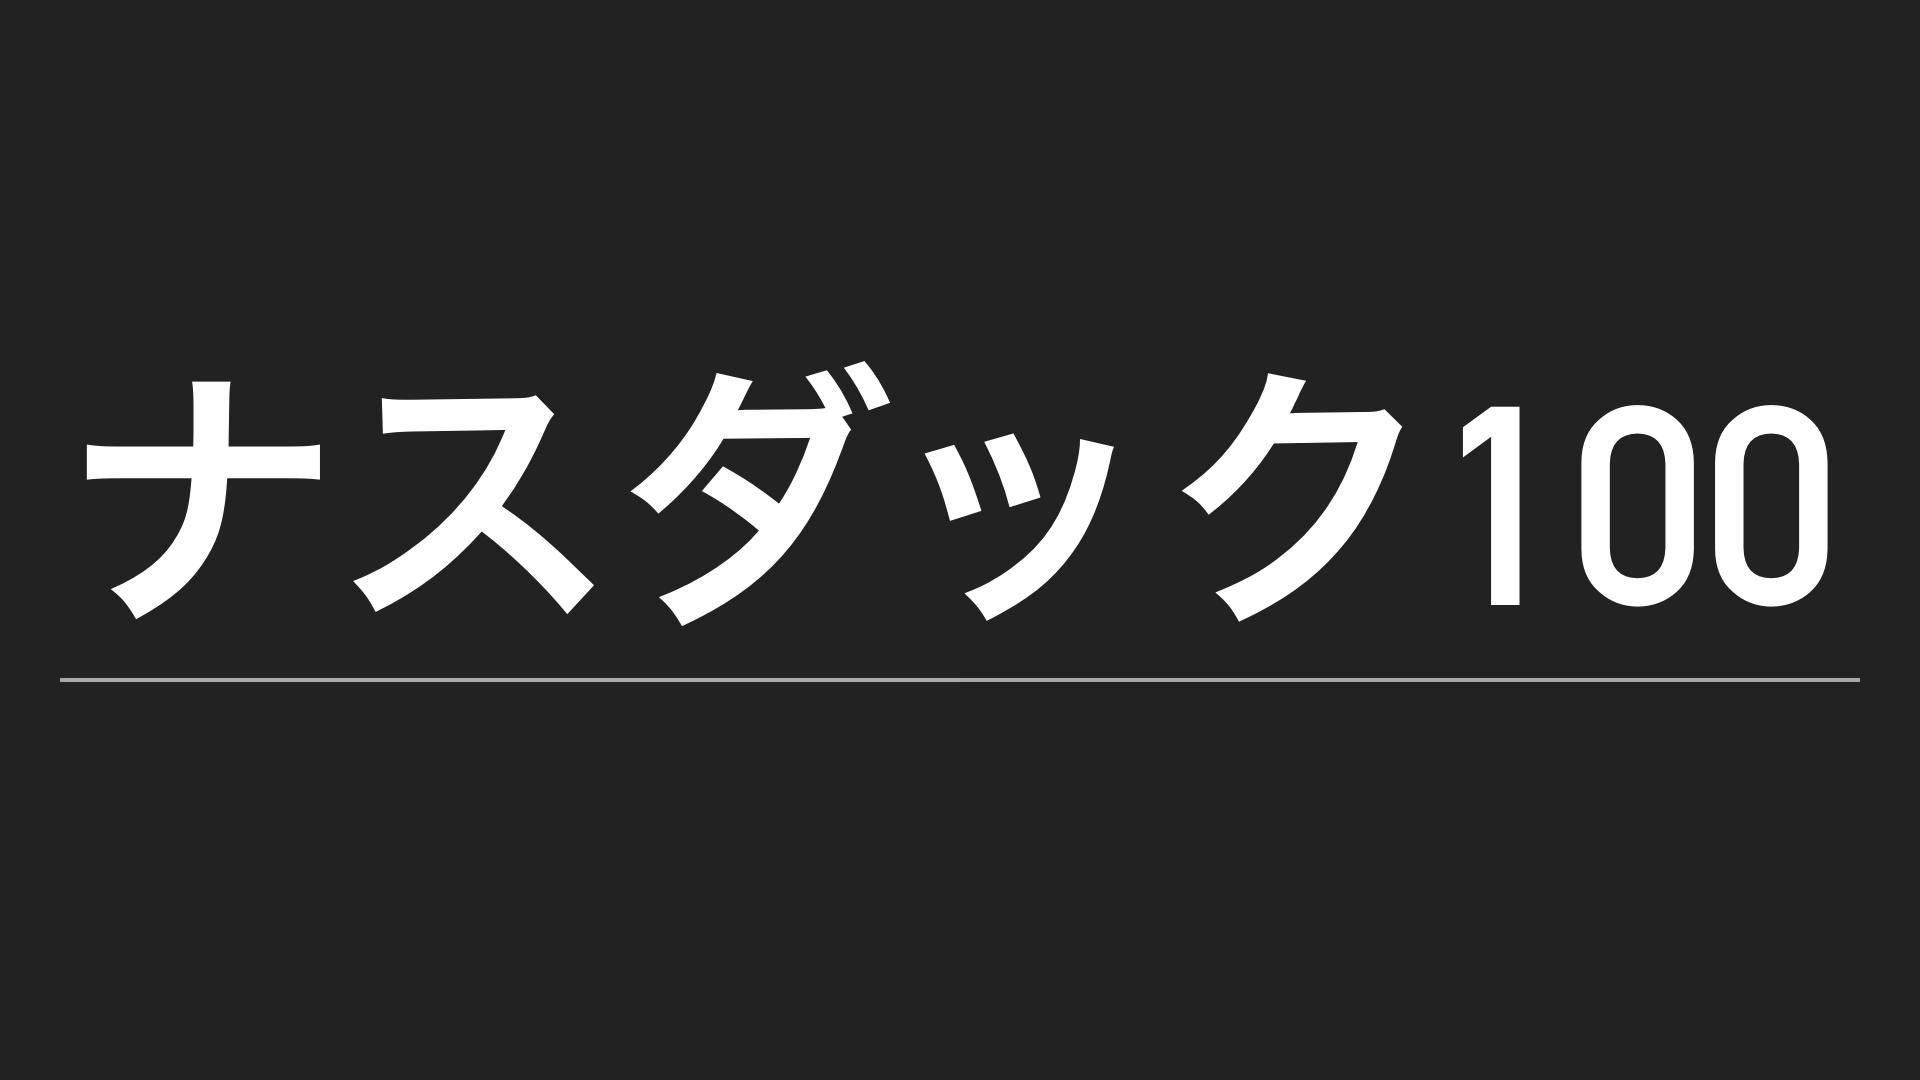 ナスダック100指数紹介